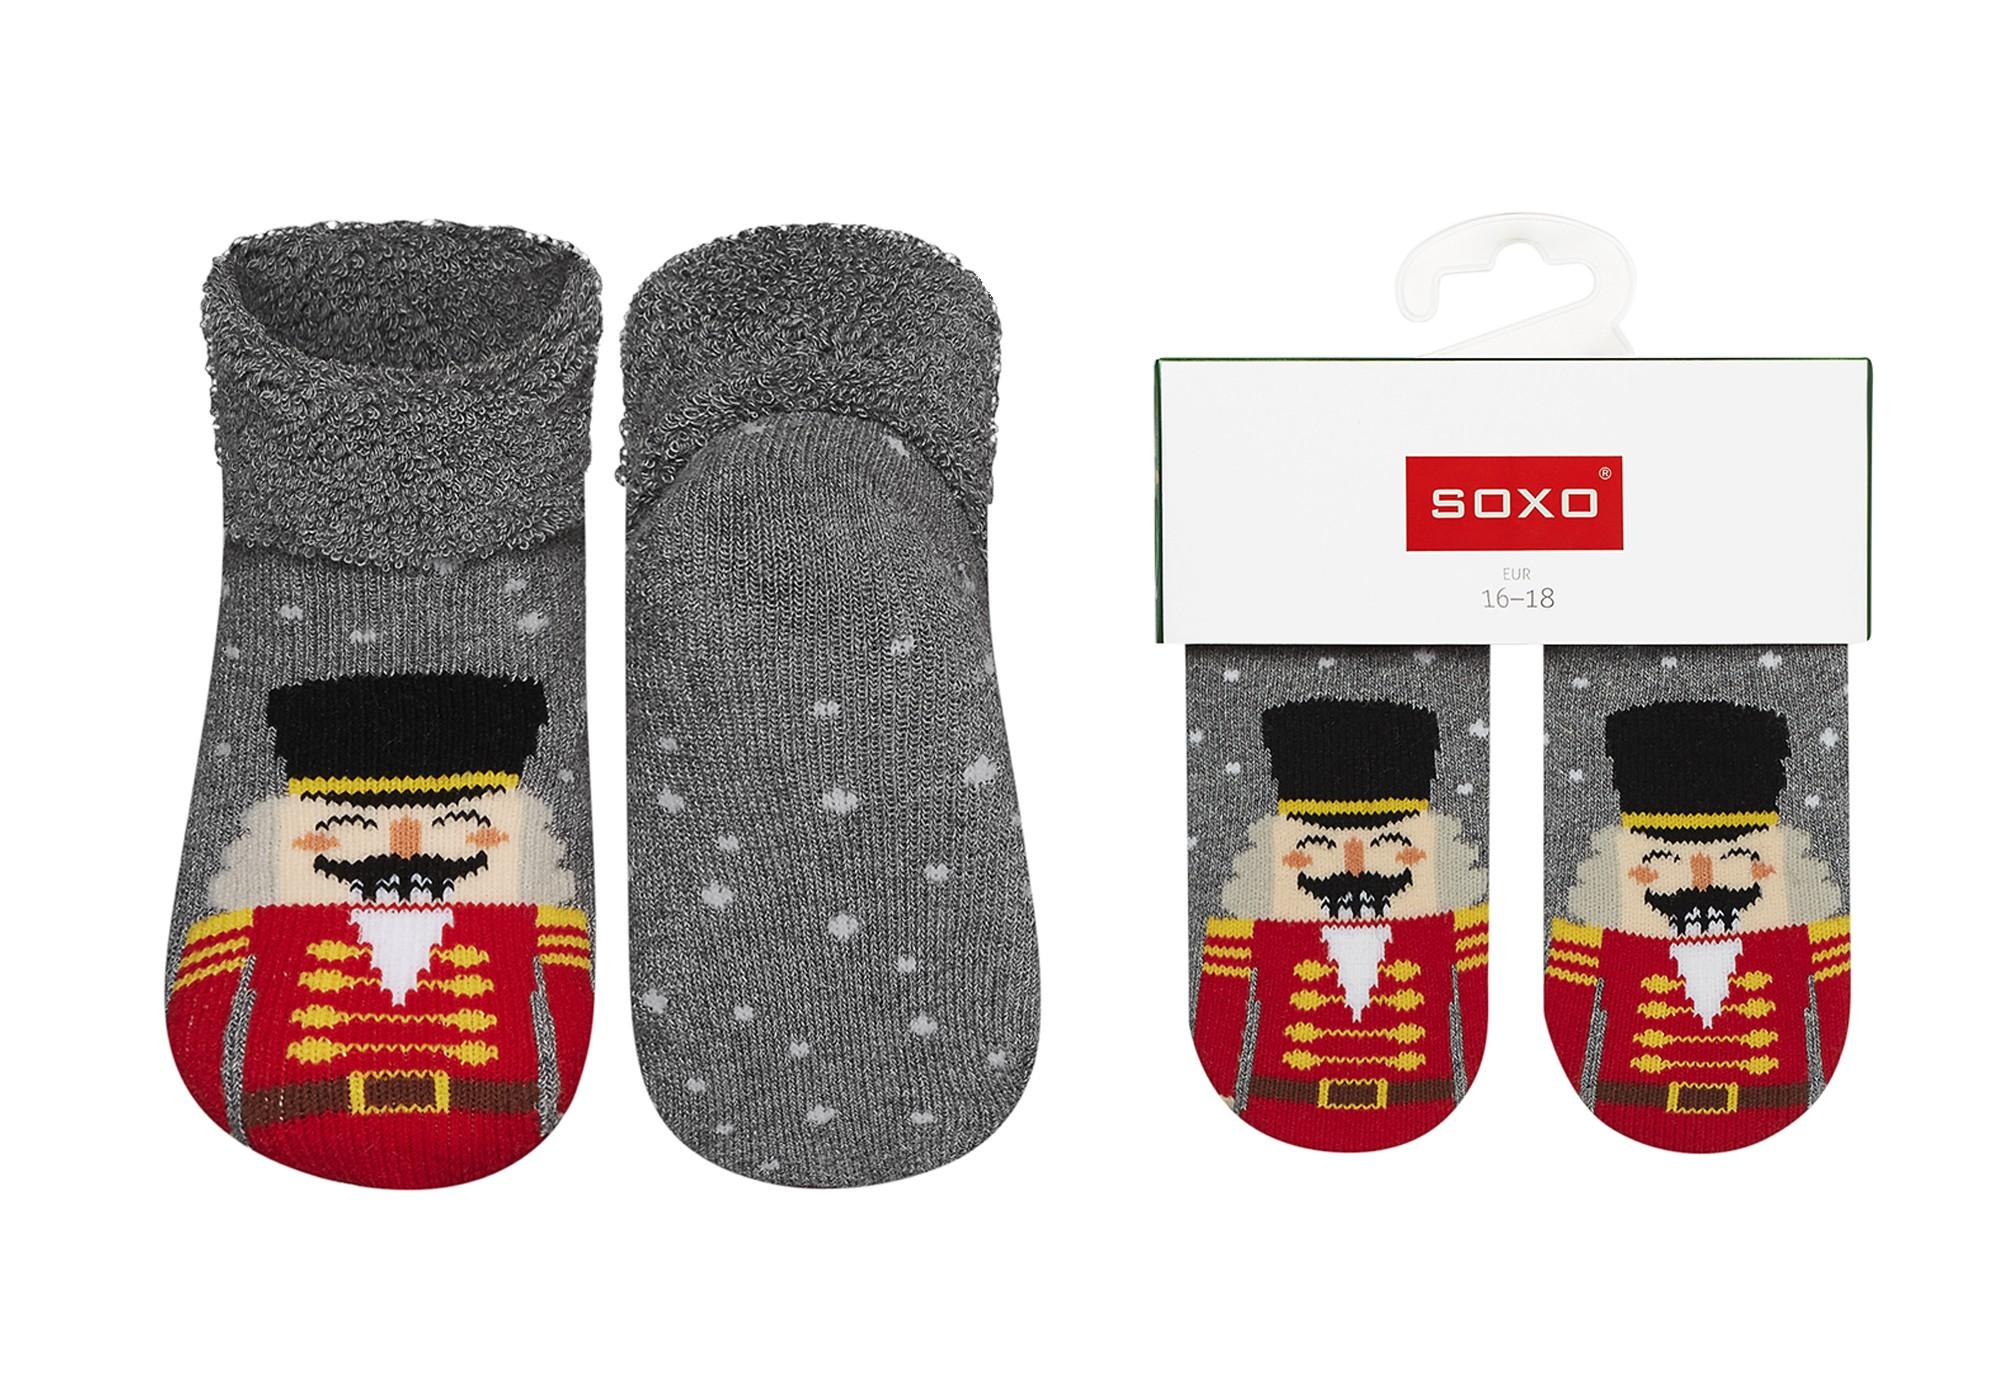 Świąteczne skarpety dla niemowlaka SOXO wzór Dziadek